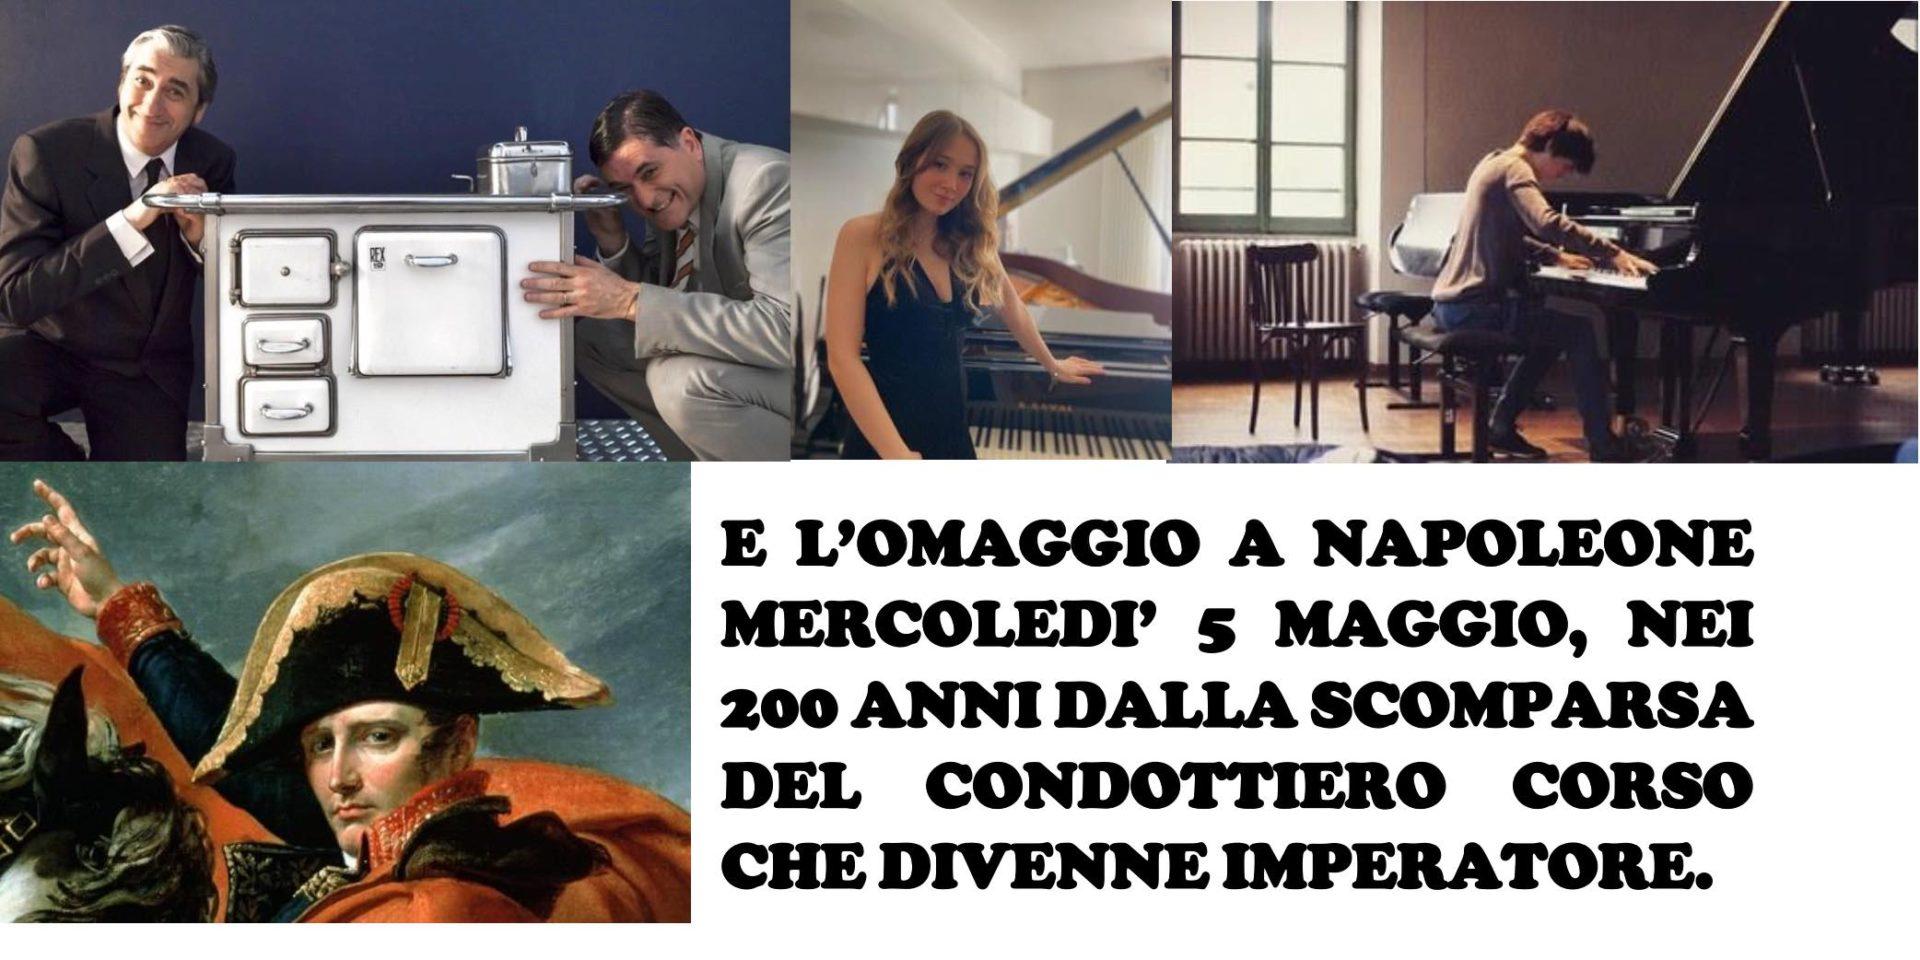 Salerno Letteratura, il programma di martedì 22.